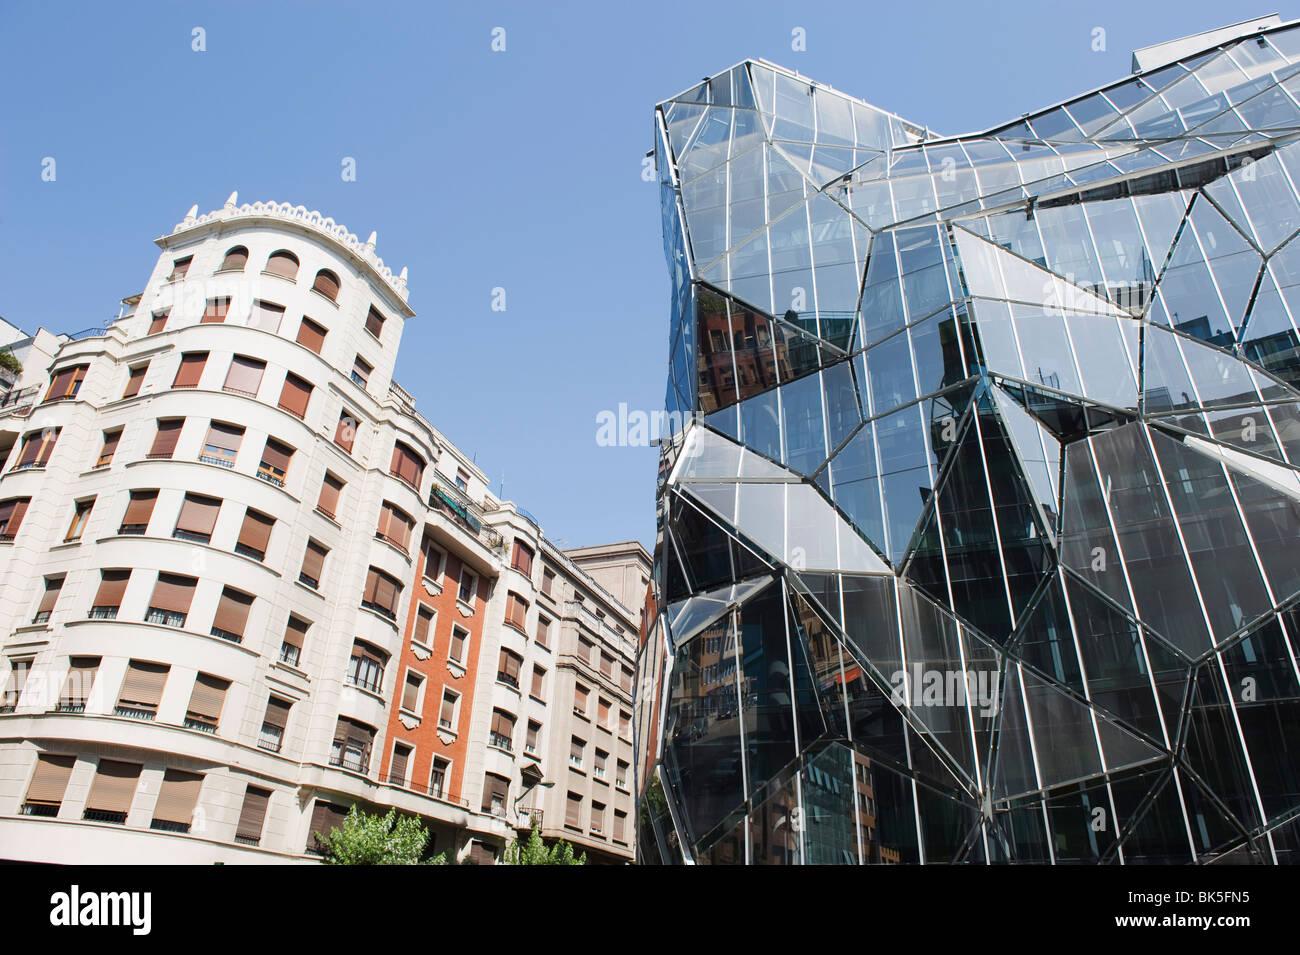 Architettura moderna del Dipartimento della Salute, Bilbao, Paesi Baschi, Spagna, Europa Immagini Stock